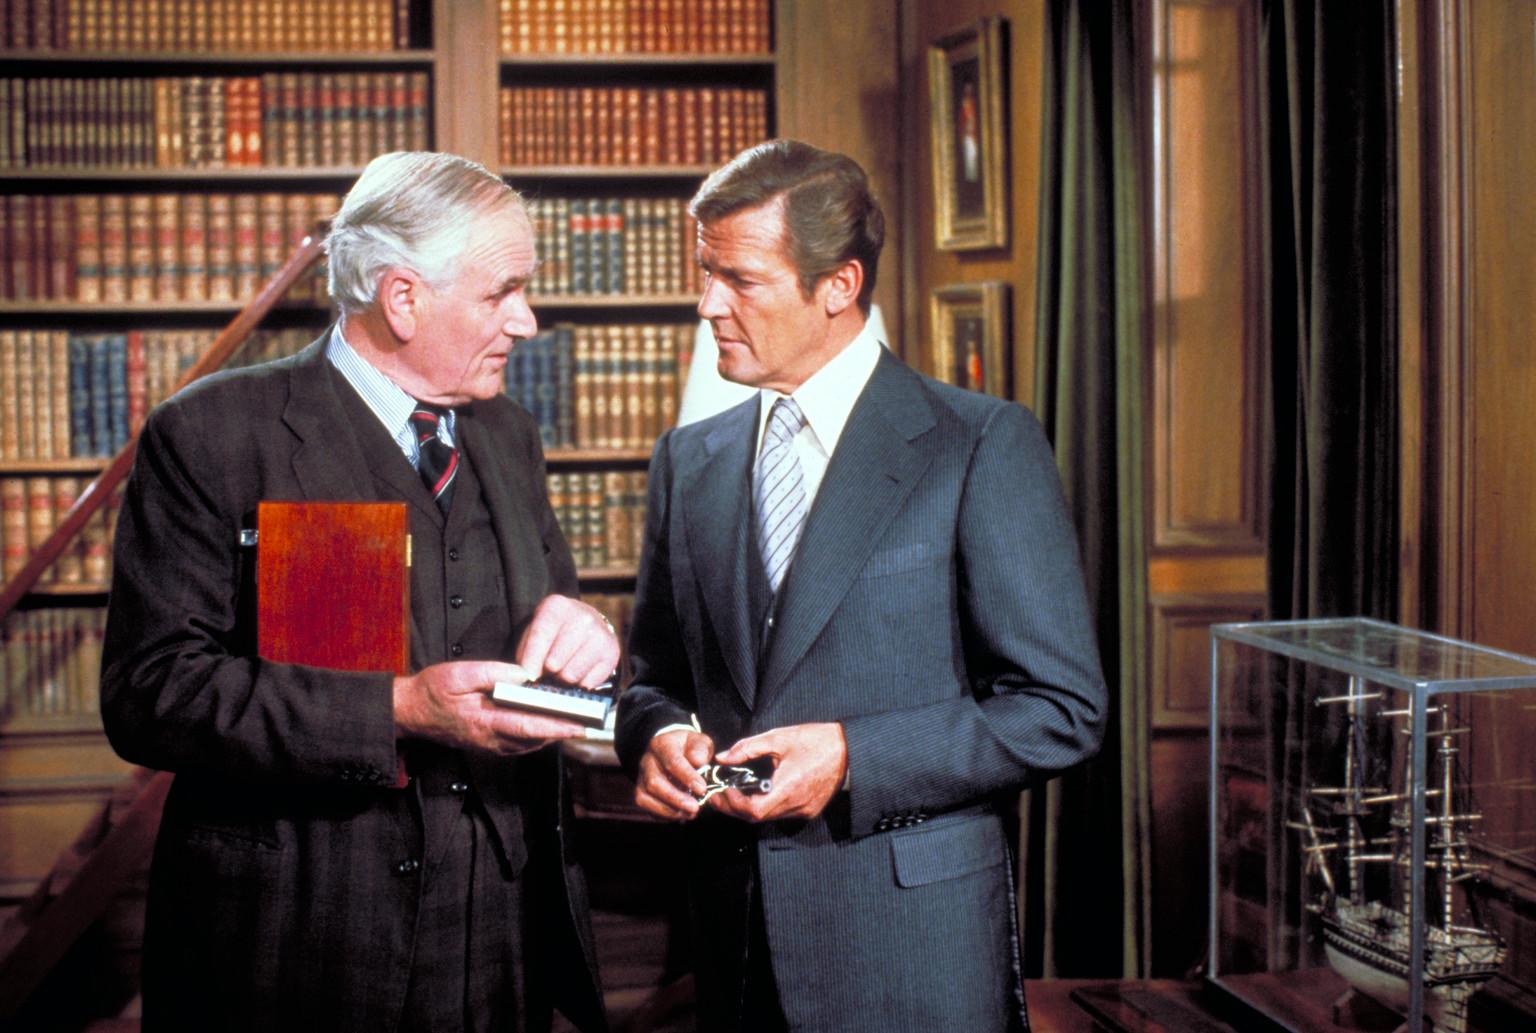 007 Contra O Foguete Da Morte © 1979 Danjaq LLC, United Artist Corporation.Todos os DireitosReservados.